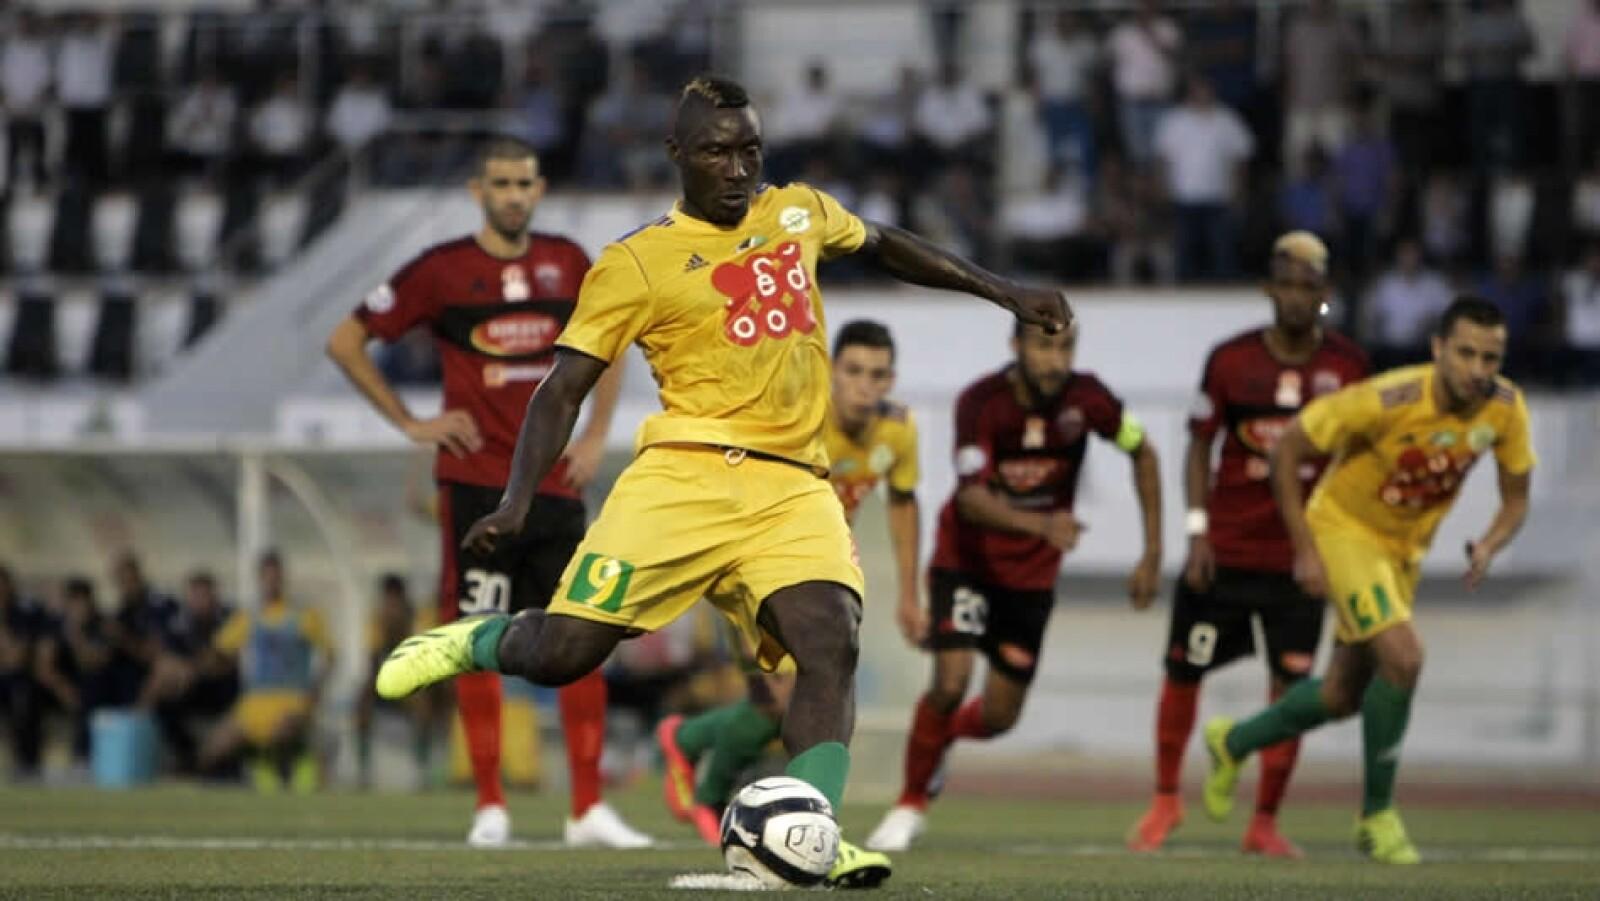 el futbolista Albert Ebossé murió tras  tras ser impactado por un proyectil lanzado desde las gradas en un partido de la liga de Argel, capital de Argelia